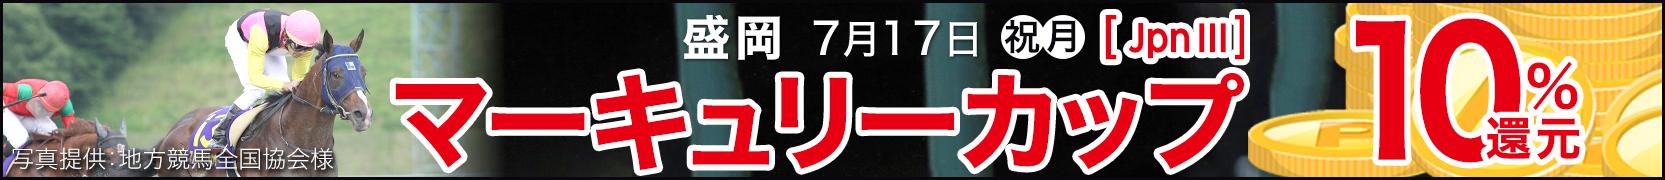 ダートグレード競走キャンペーン マーキュリーカップ(JpnIII)